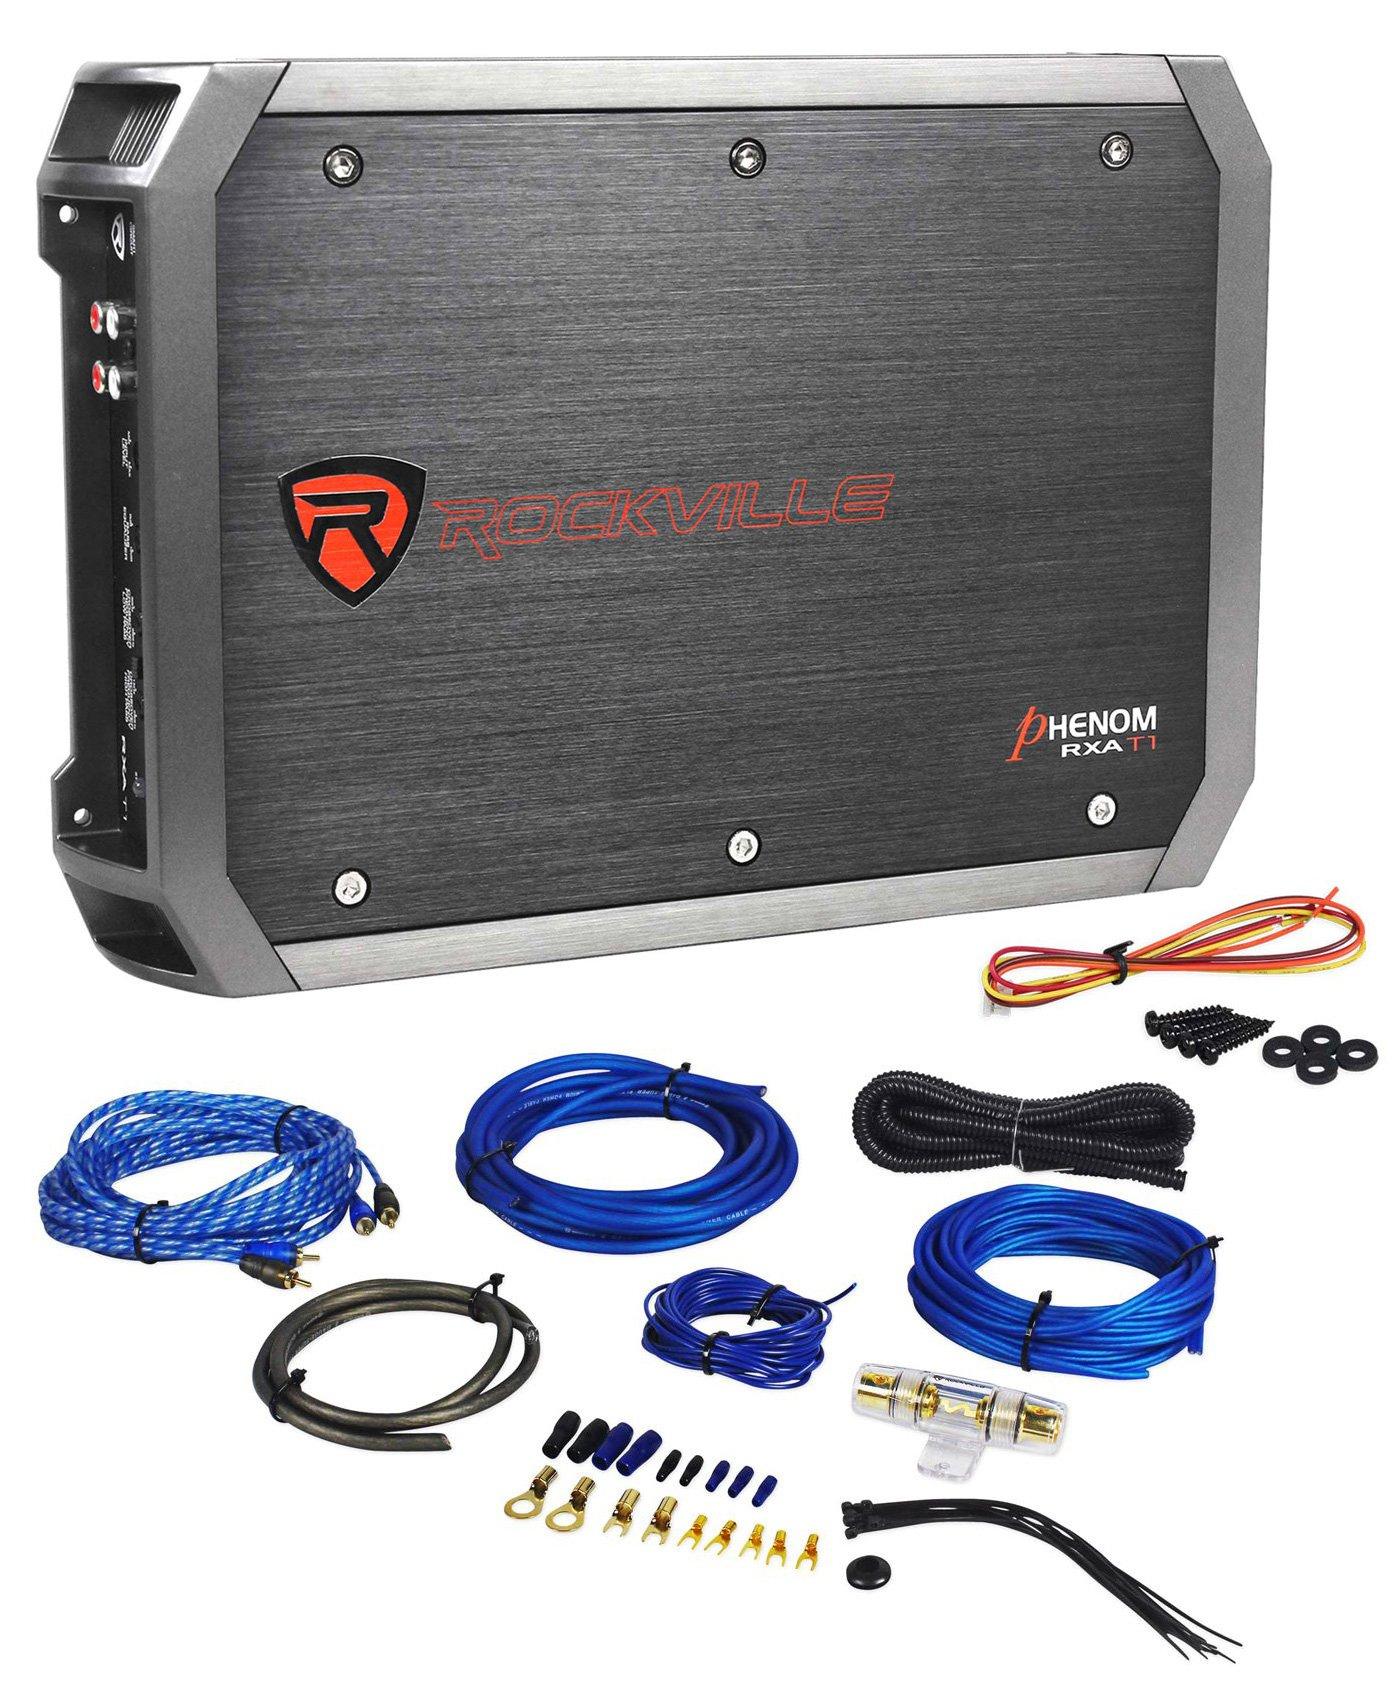 Rockville RXA T1 Channel Stereo Amplifier